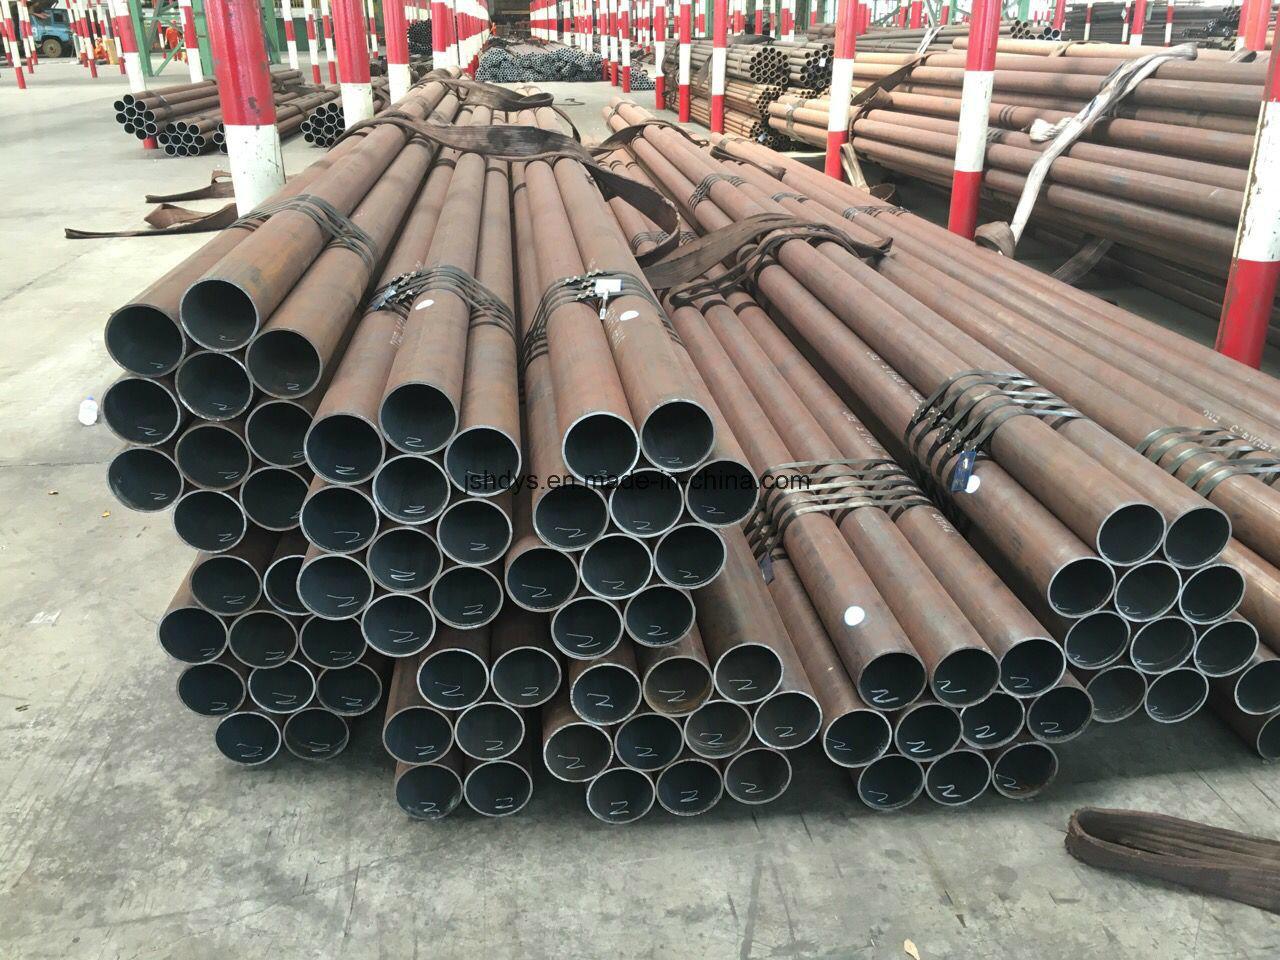 Hot Rolling Cylinder Steel Tubes for CNG Gas Bottle